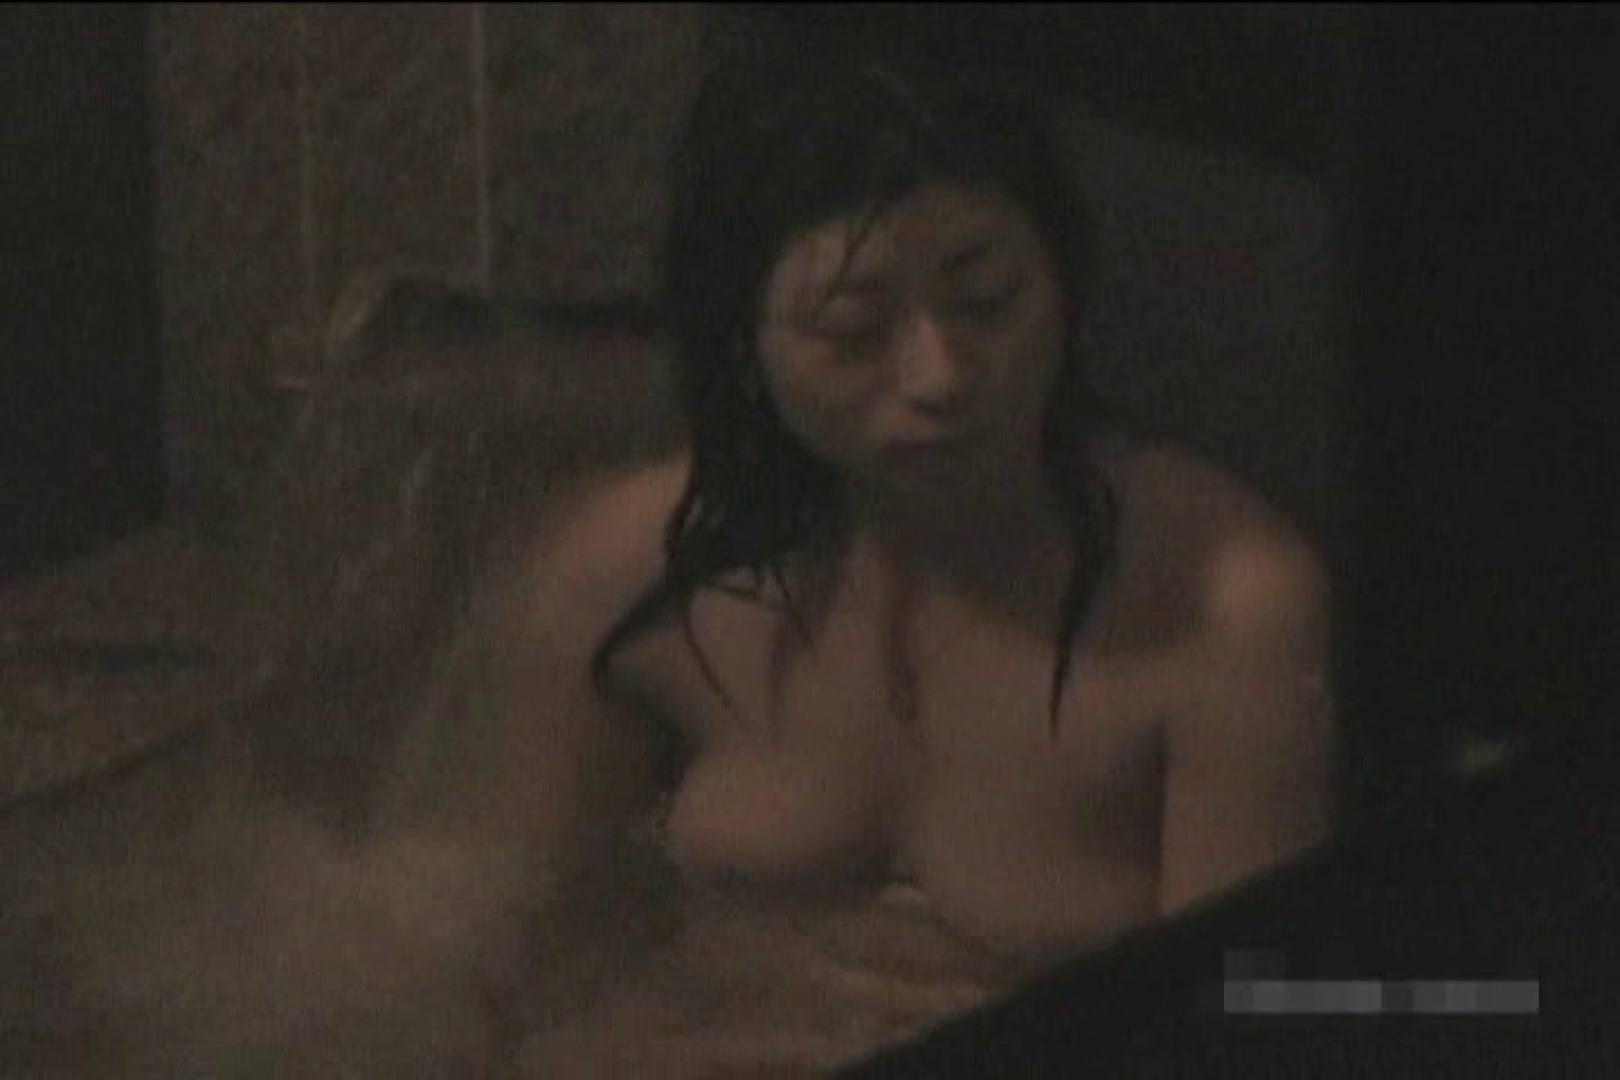 全裸で発情!!家族風呂の実態Vol.1 エロティックなOL のぞき動画キャプチャ 57画像 27